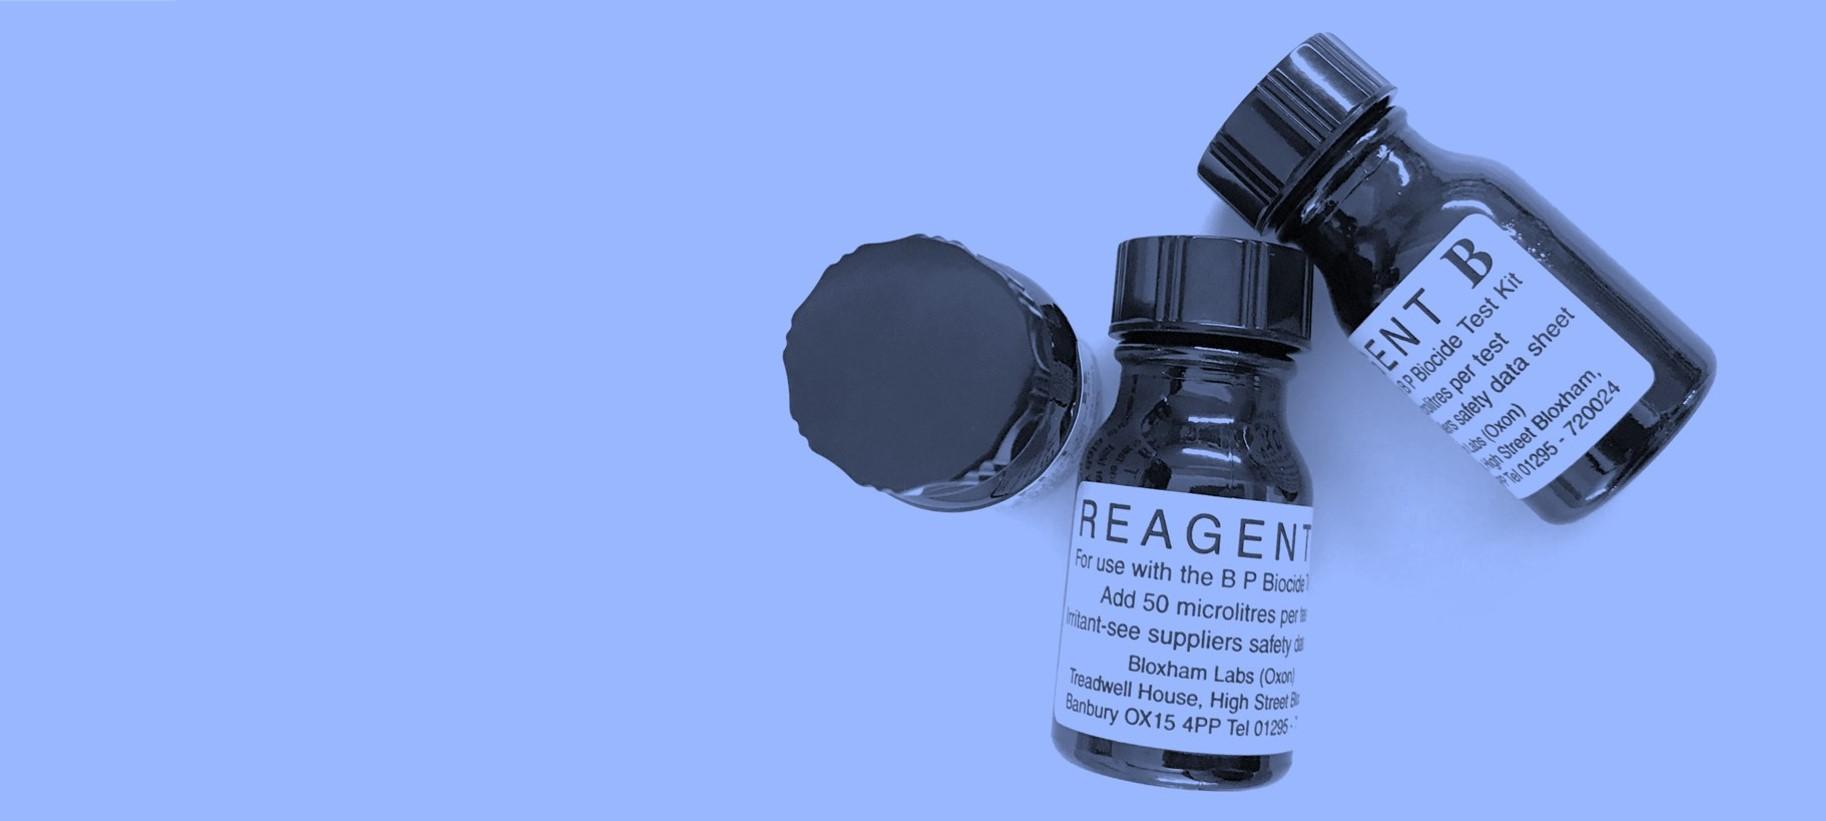 Reagent B